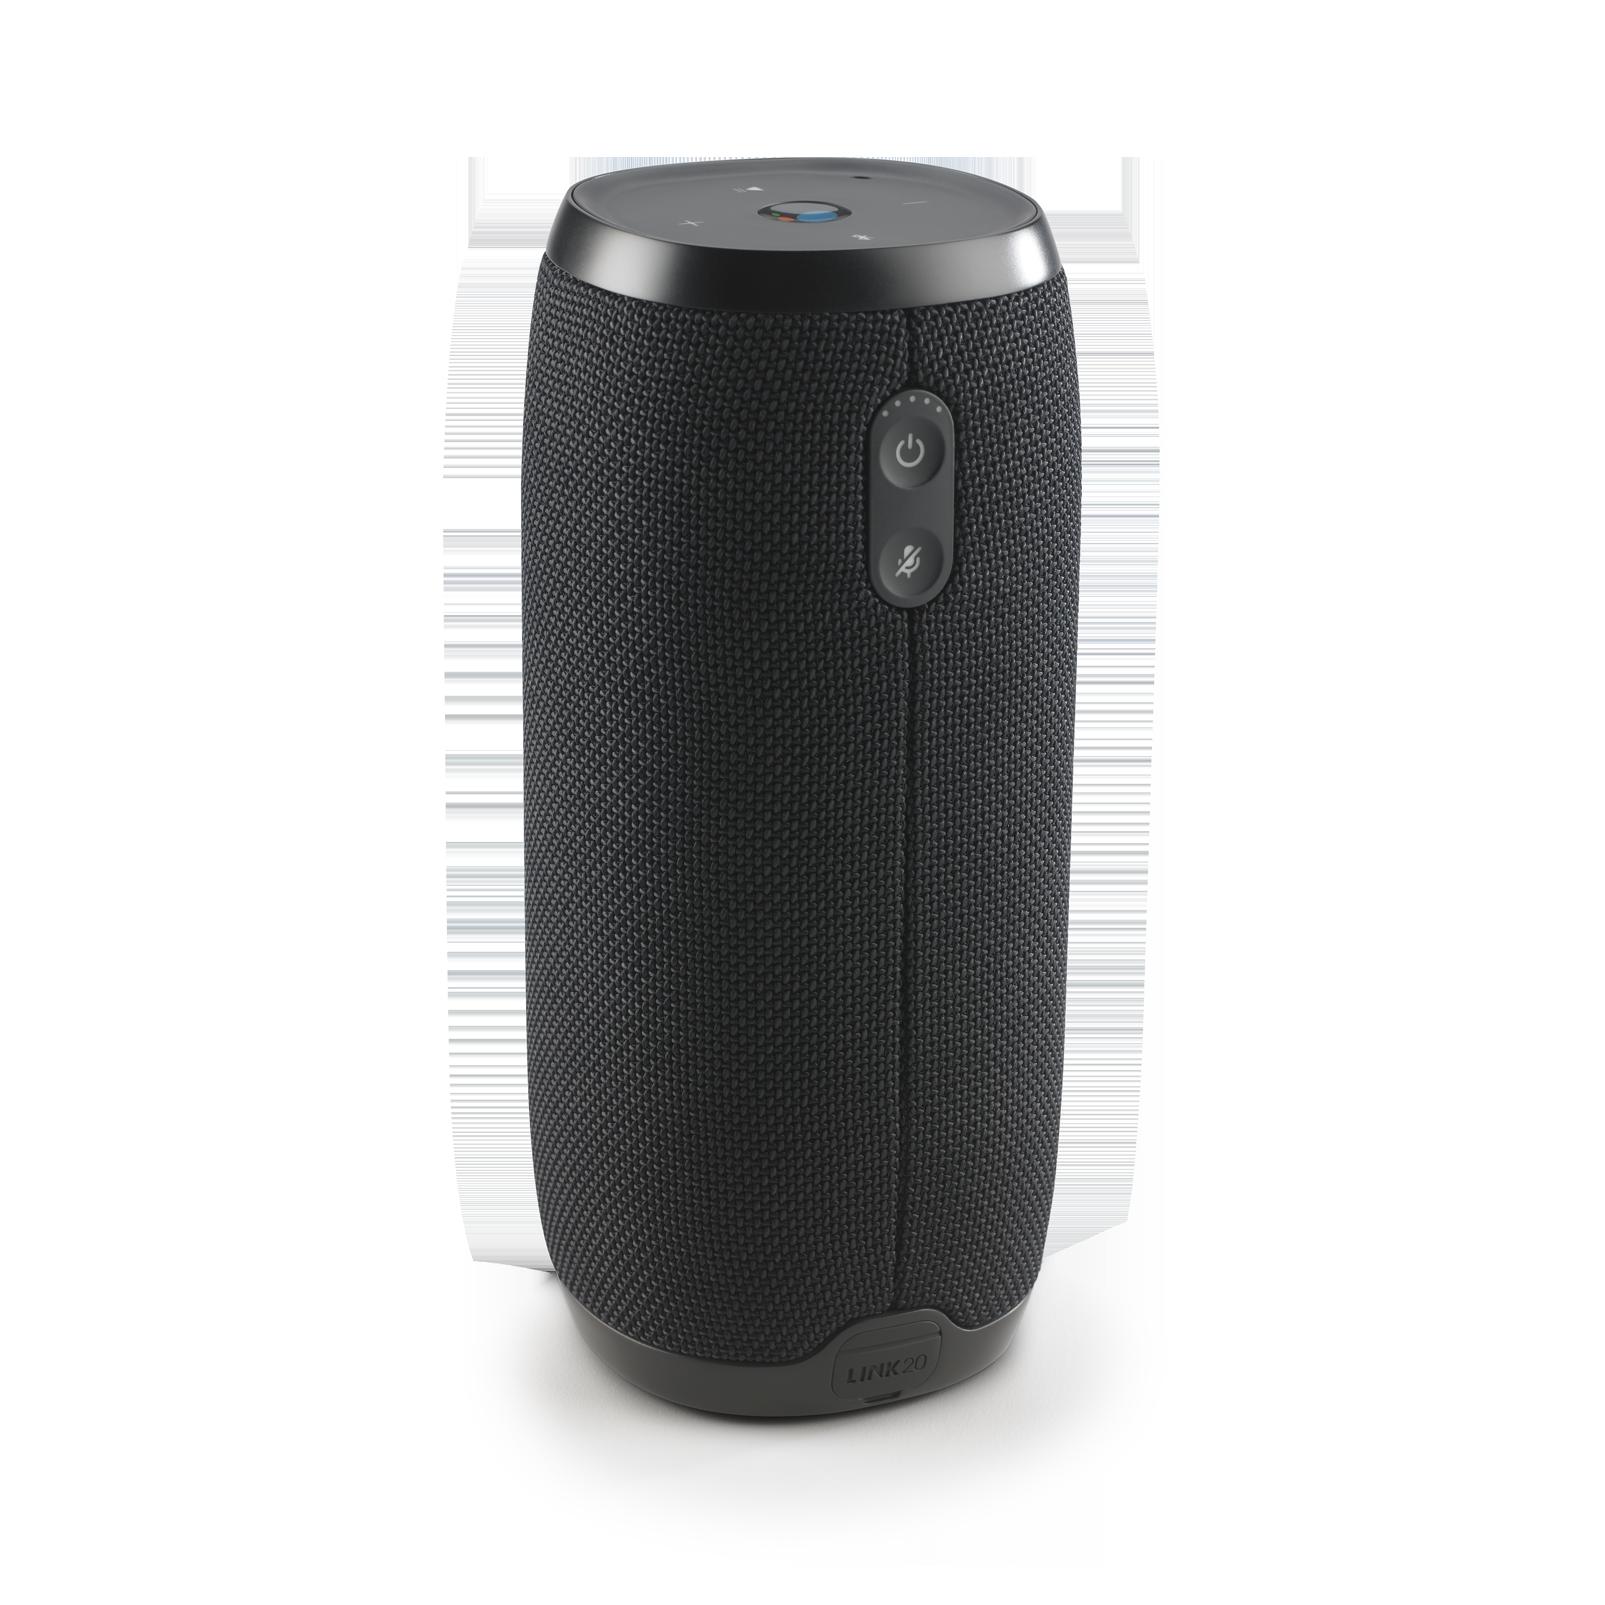 JBL Link 20 - Black - Voice-activated portable speaker - Back